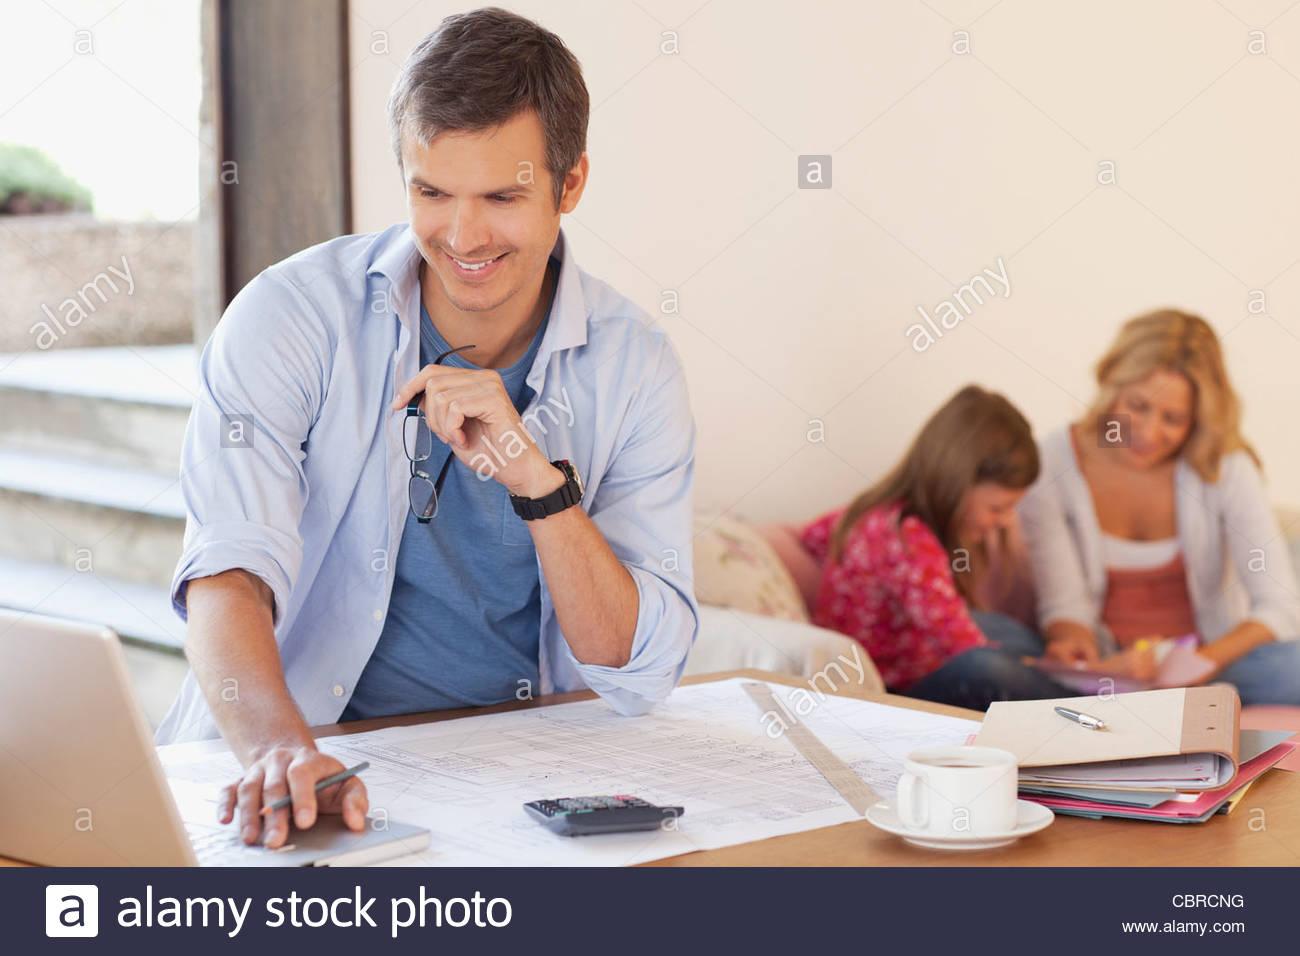 Mann arbeitet mit der Familie im Hintergrund Stockbild